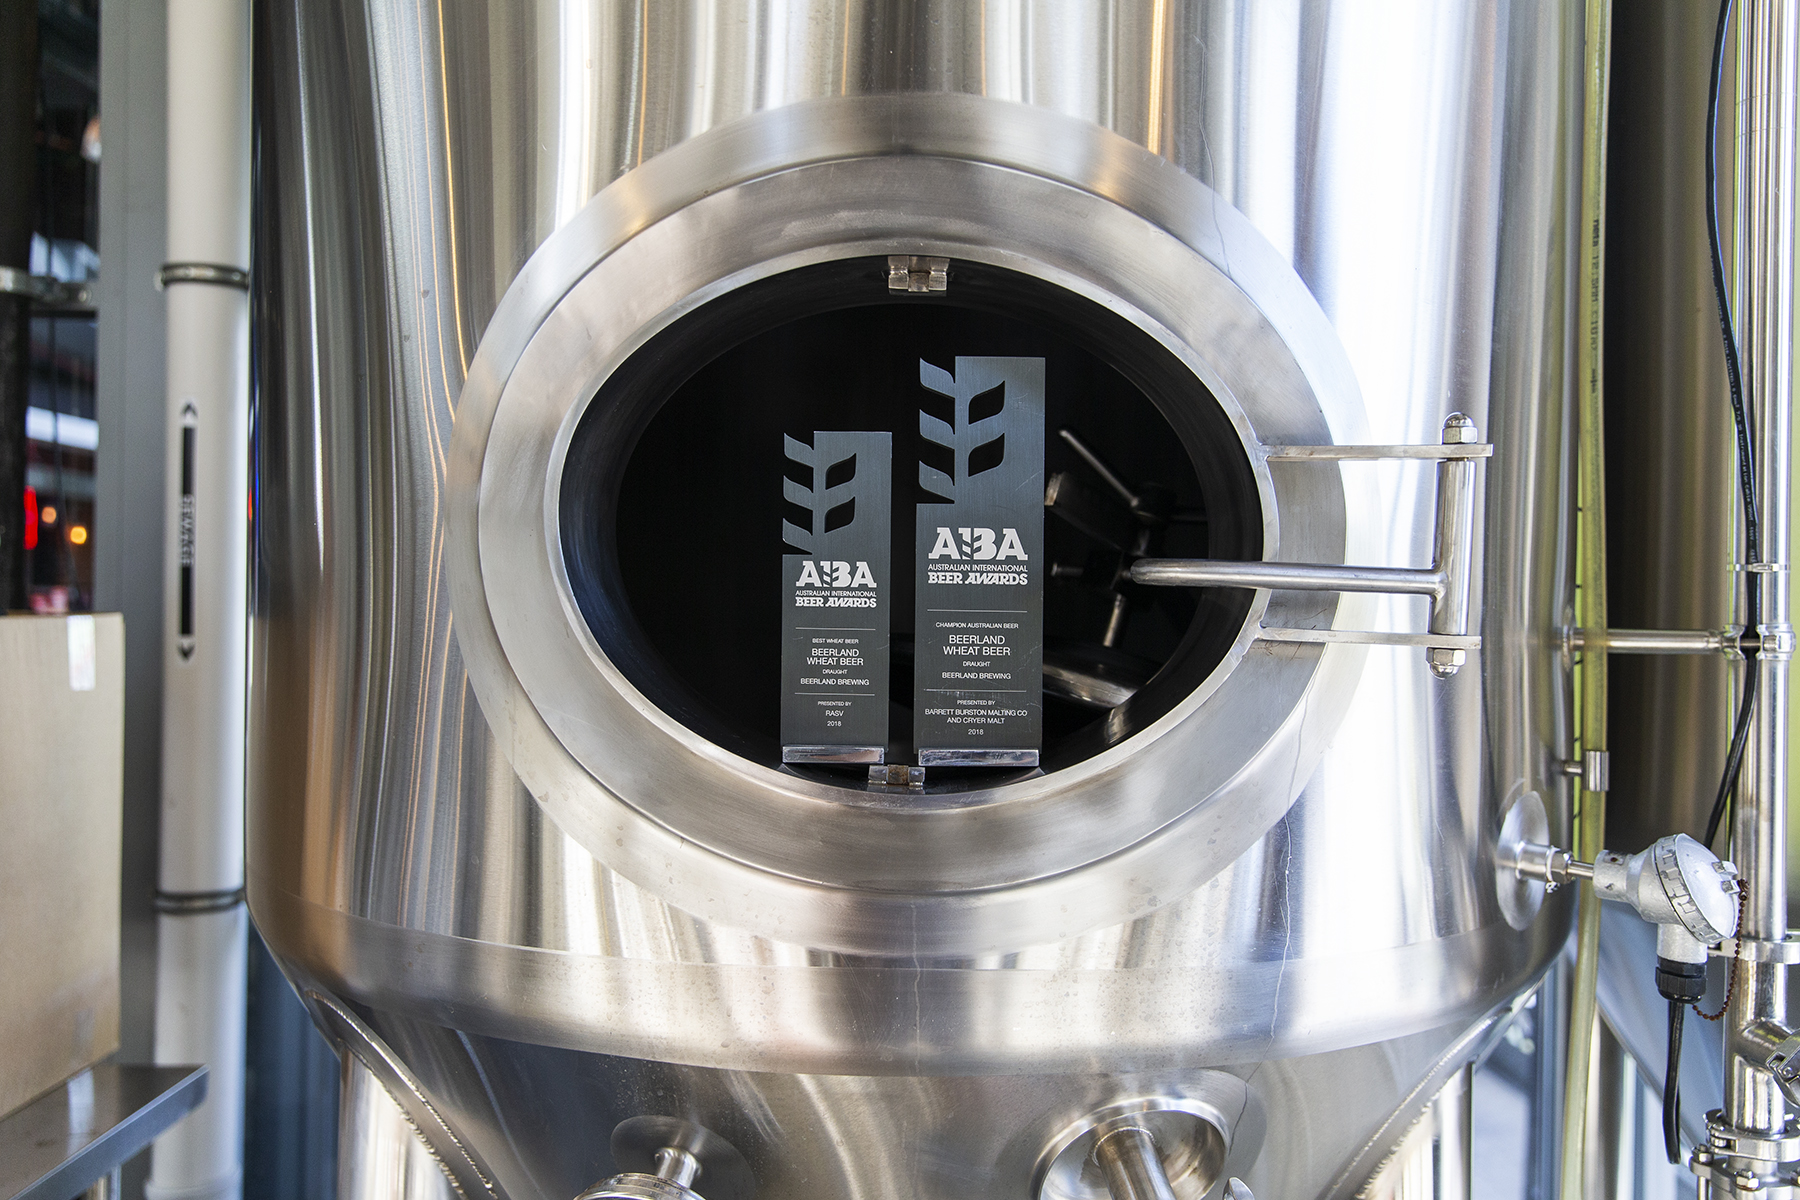 Whitfords Brewing Company AIBA Award